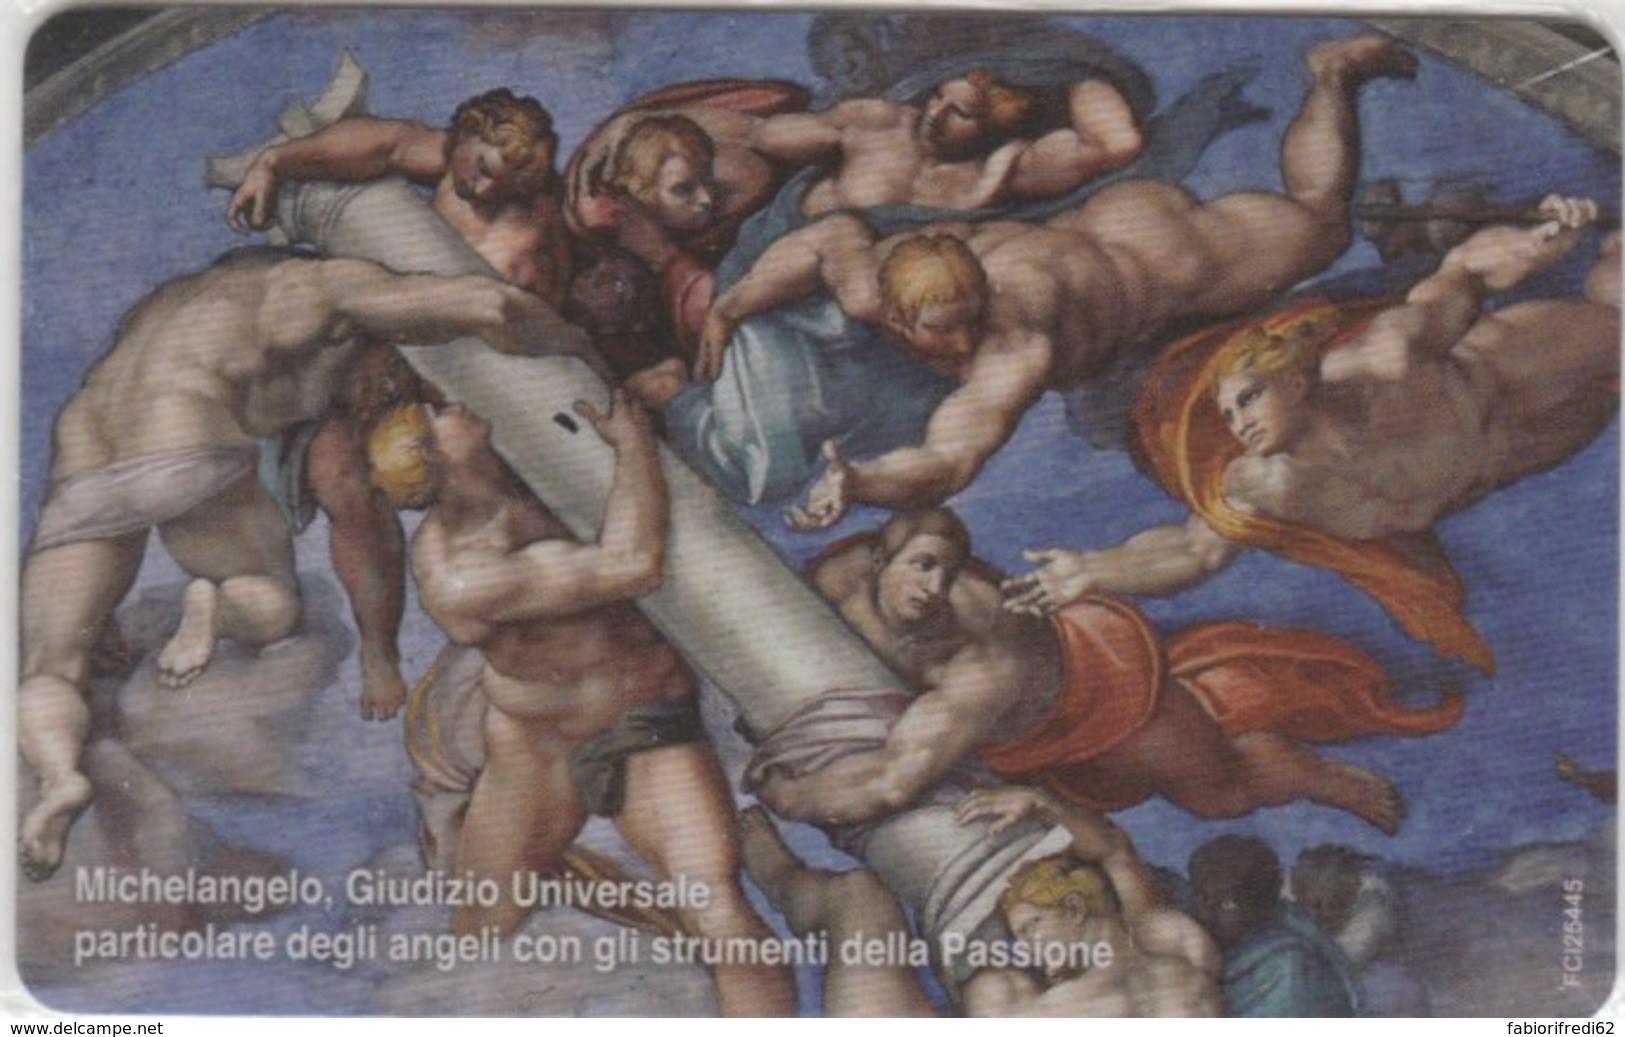 PHONE CARD VATICANO SCV208 GIUDIZIO UNIVERSALE (NEW BUT PRINTED WITHOUT BLISTER) - Vaticano